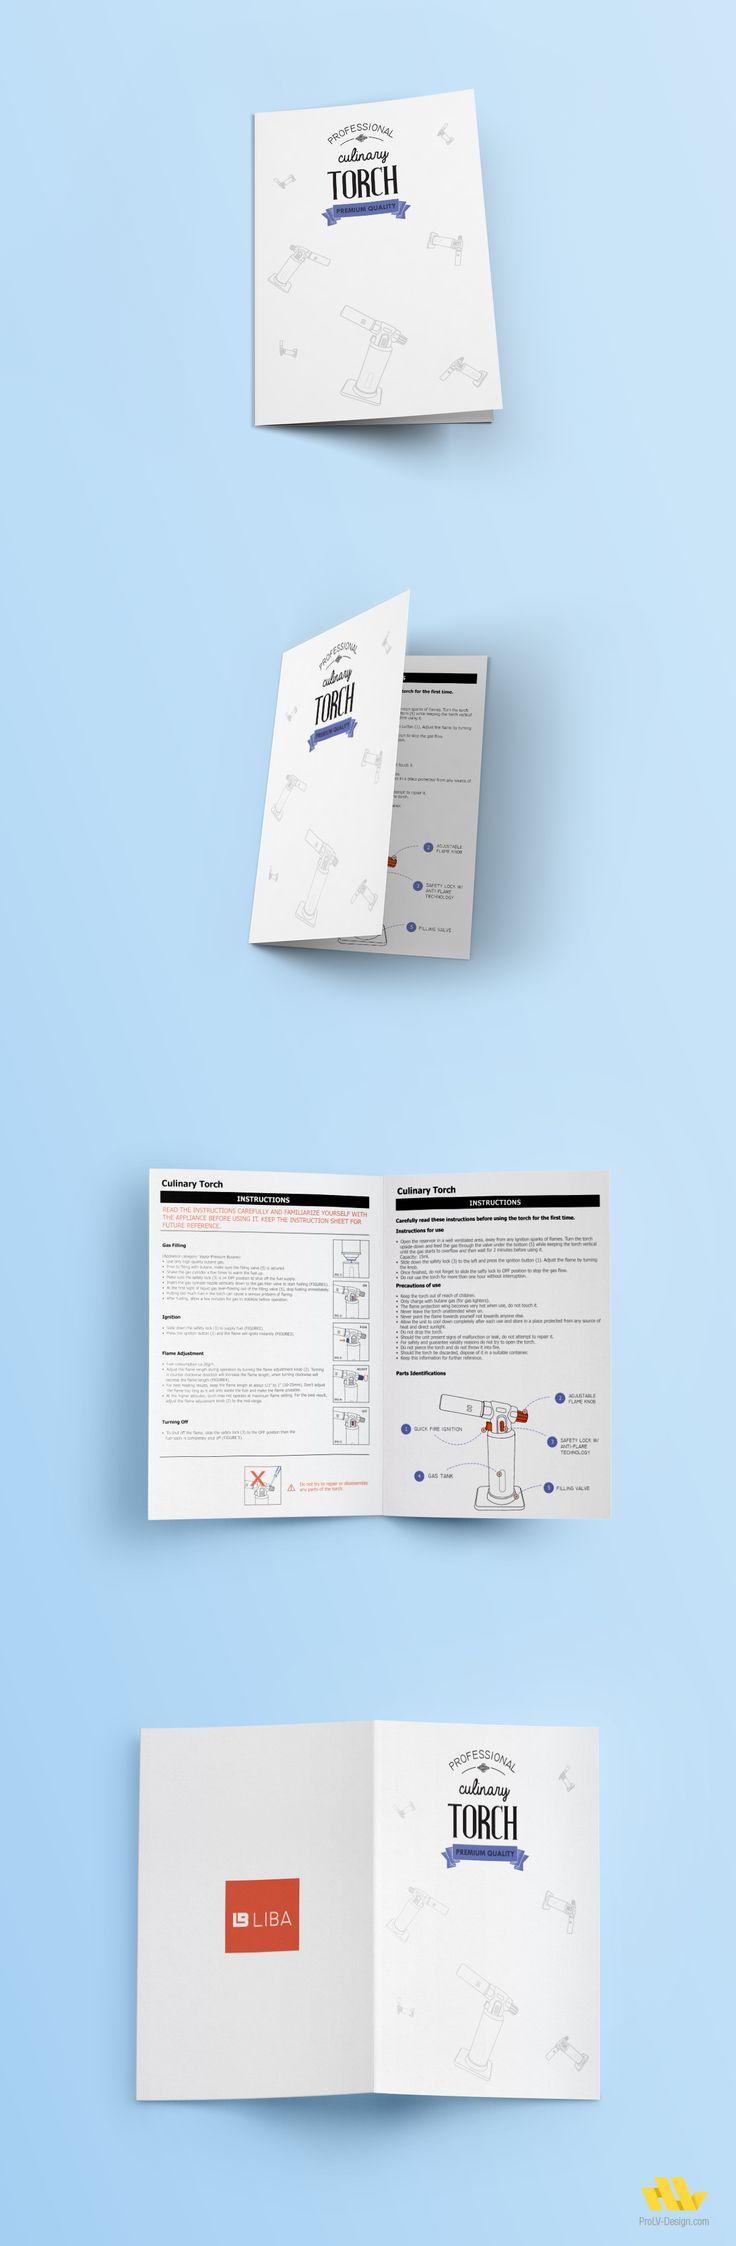 Graphic Design A User